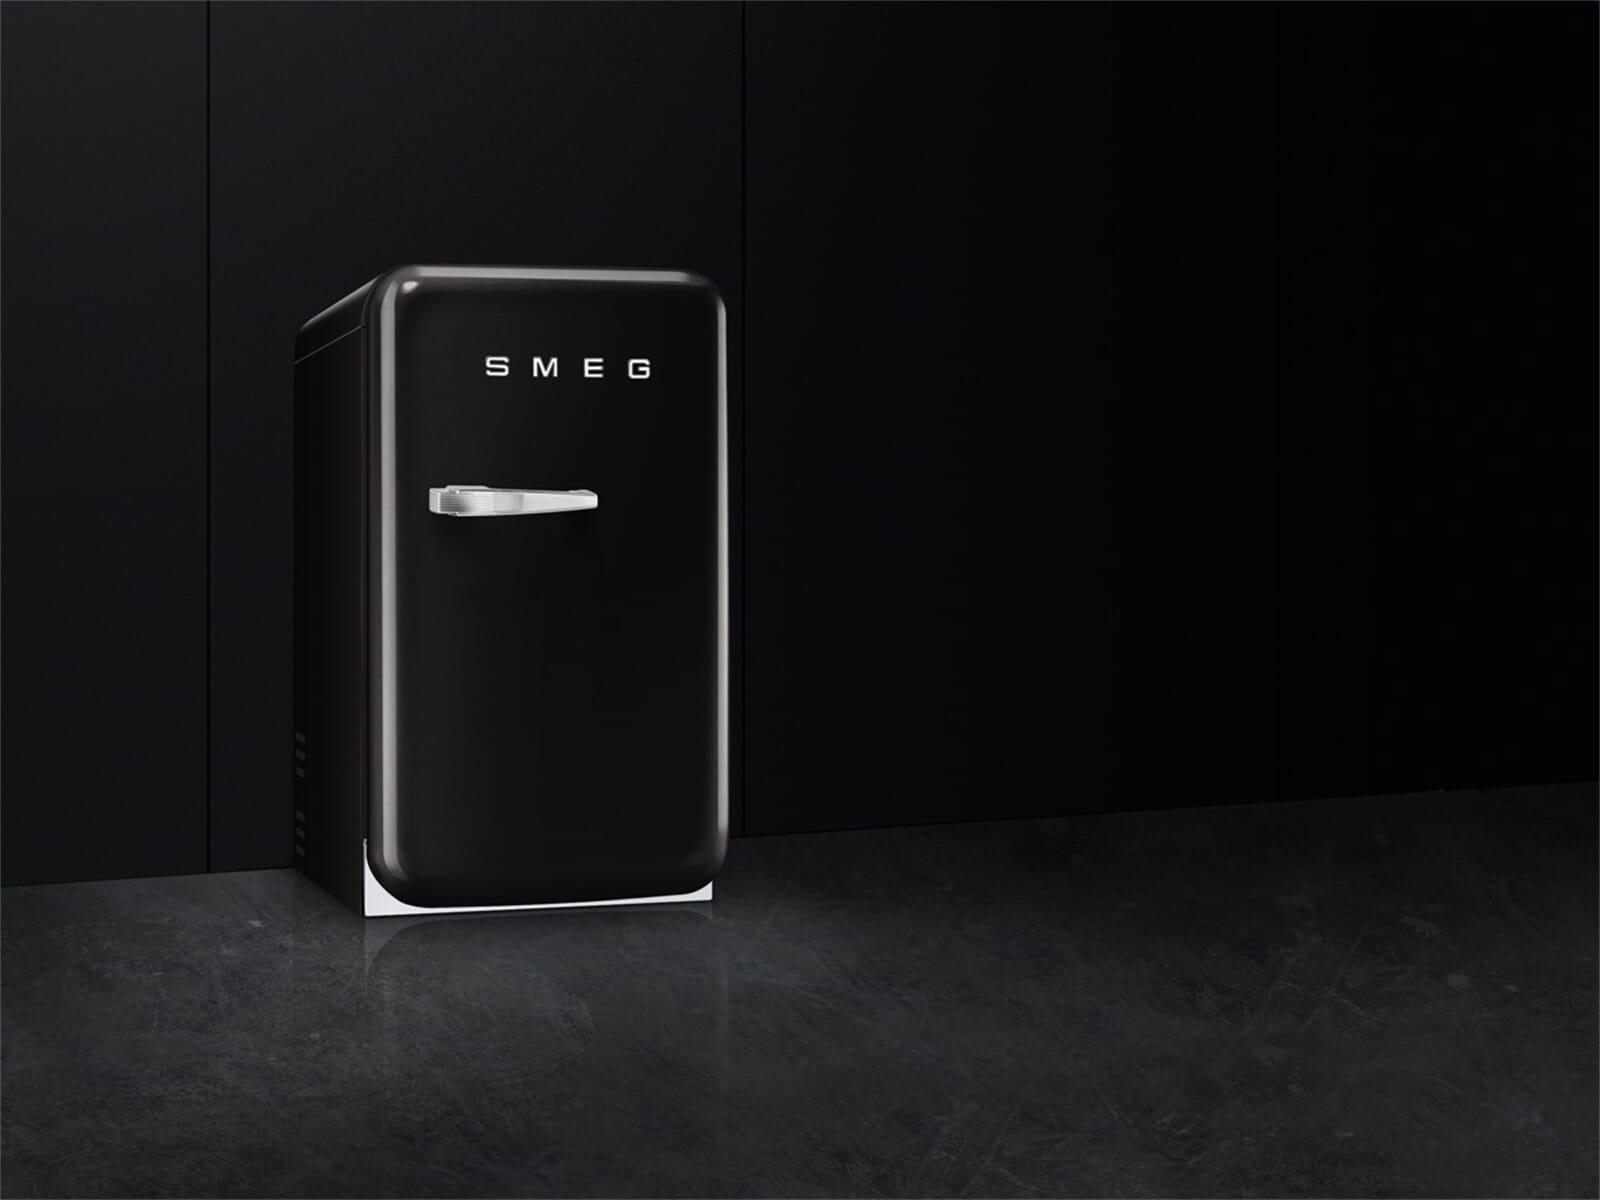 Smeg Kühlschrank Schwarz : Smeg kühlschrank schwarz gebraucht kabinett smeg kühlschrank